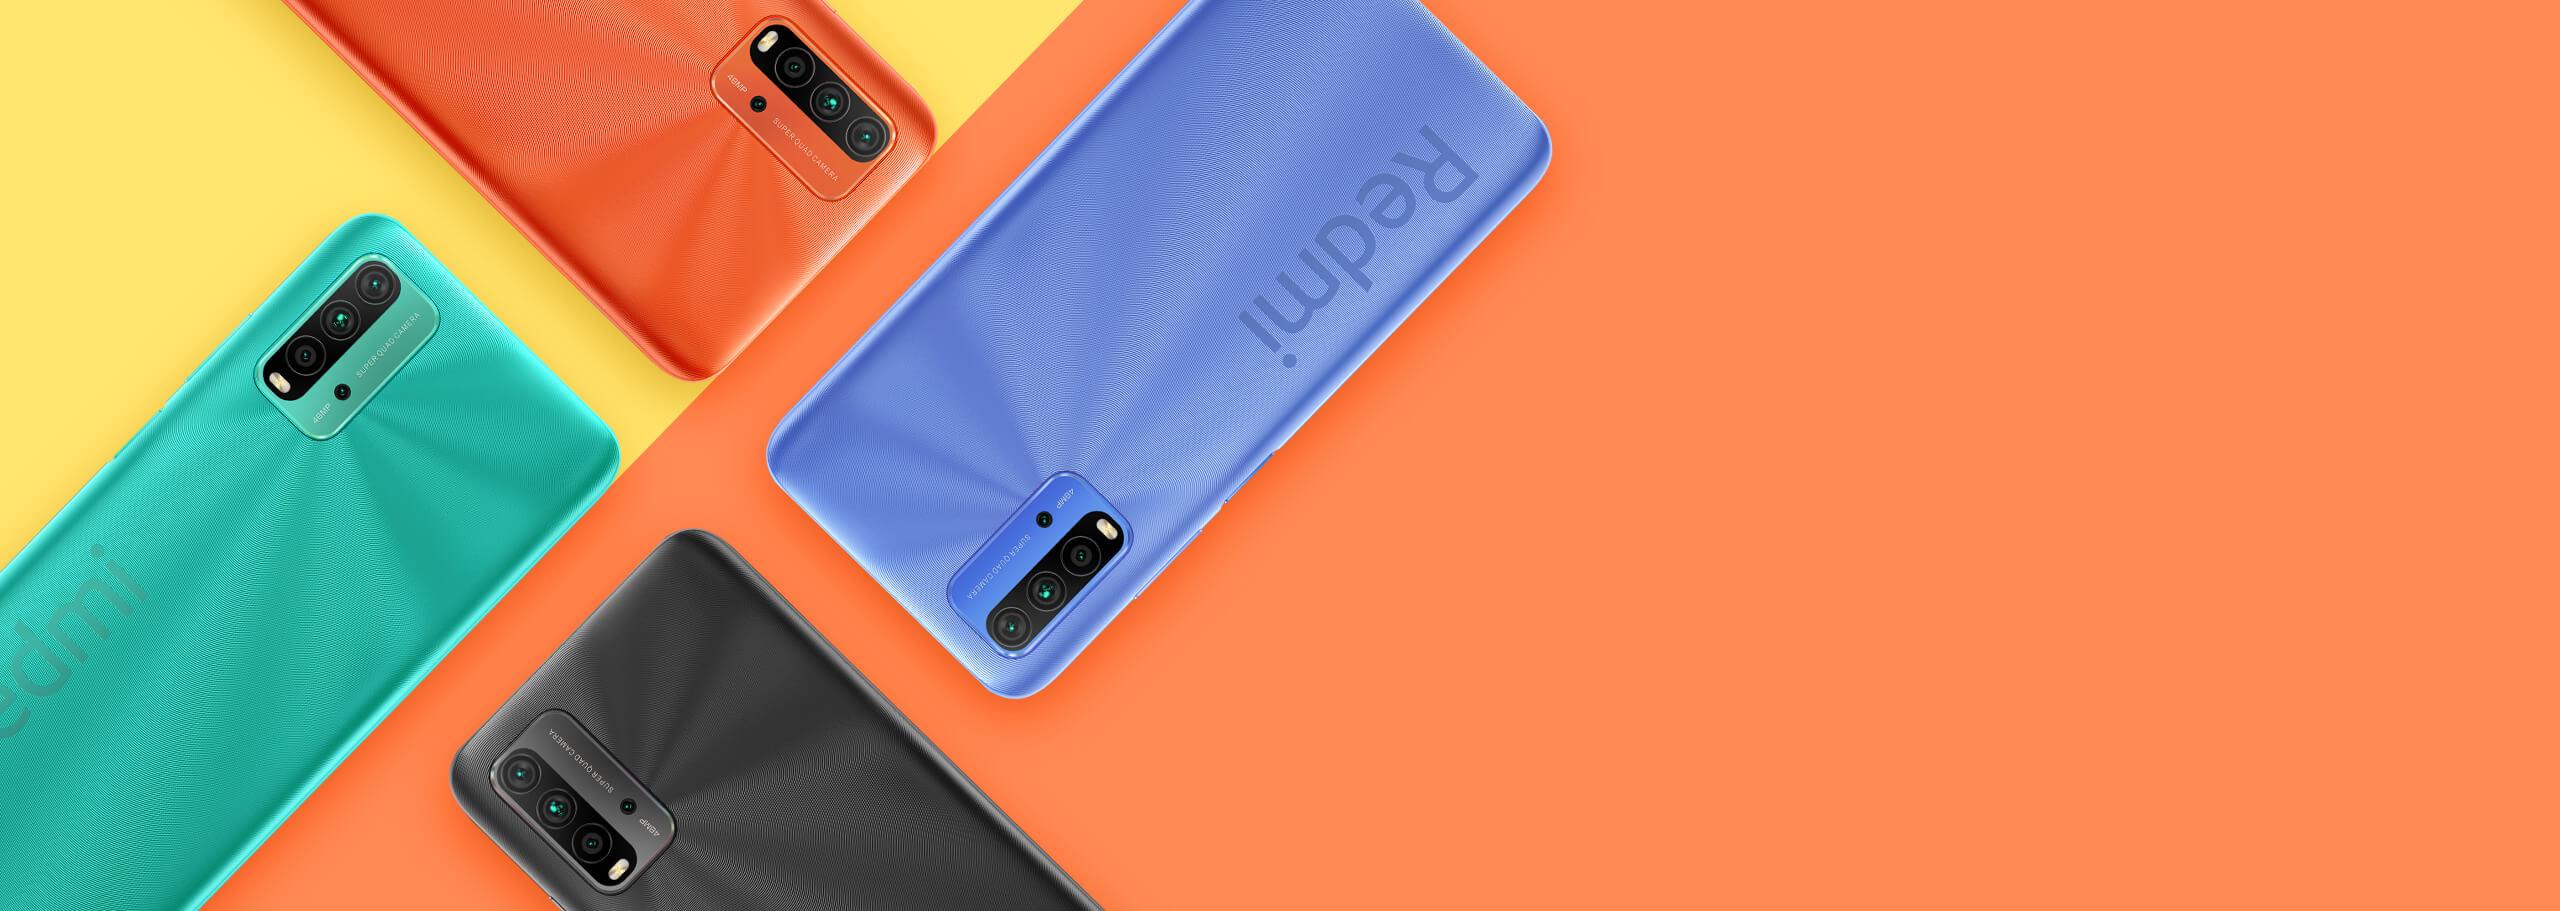 smartphone Xiaomi Redmi 9C Orange prix tunisie